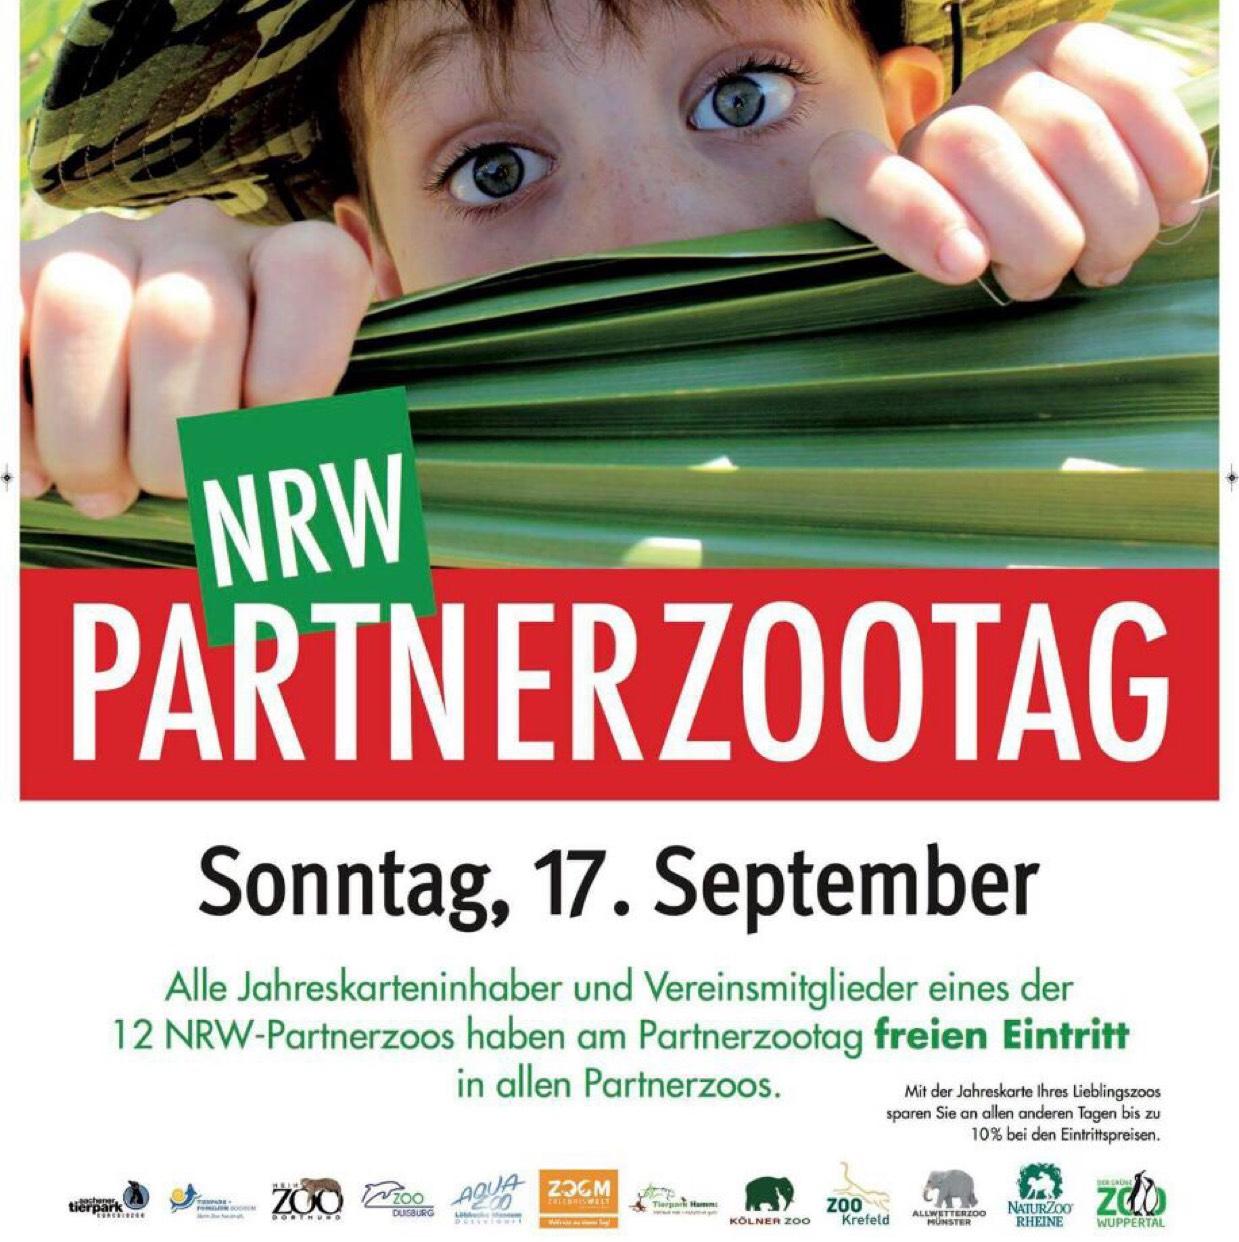 (NRW) kostenfreier Eintritt in einen von 12 Zoos für Jahreskarteninhaber